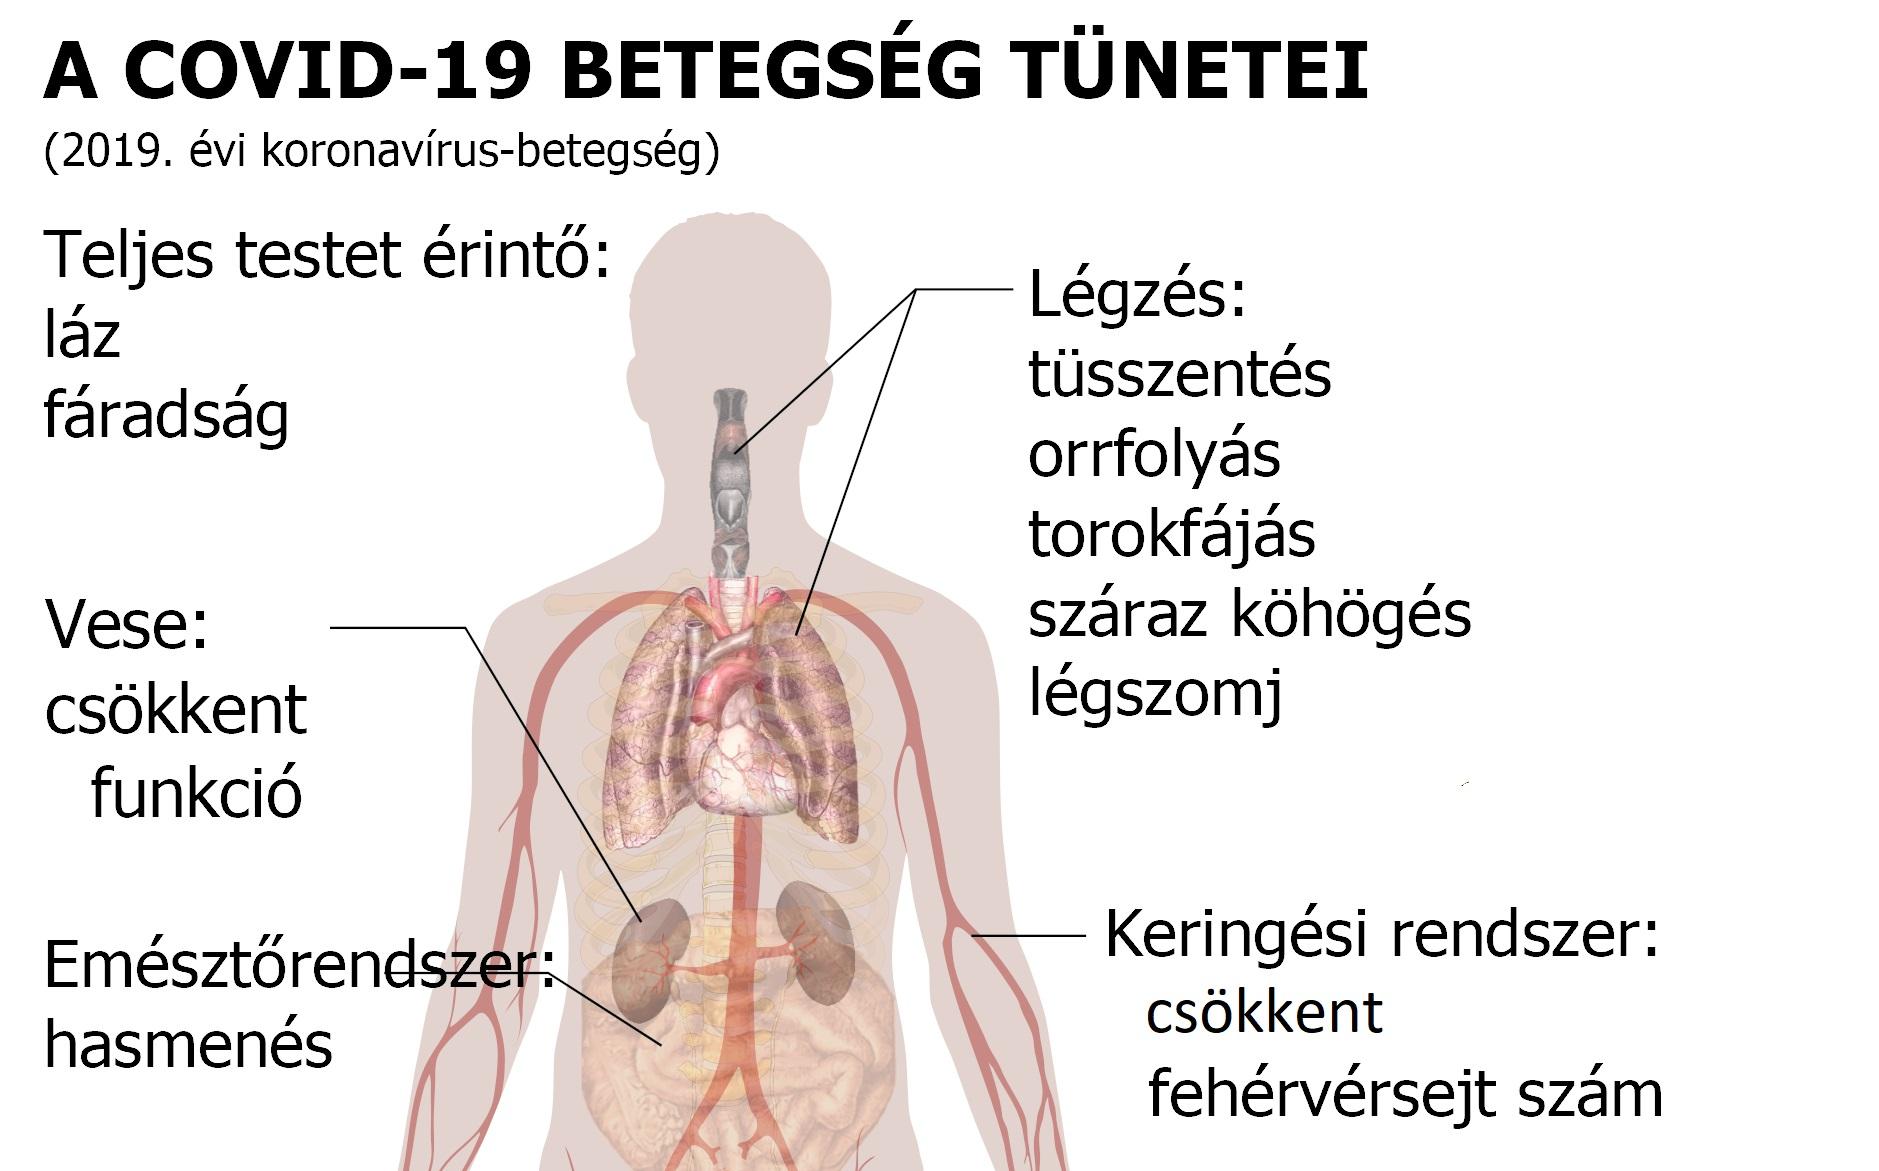 magas vérnyomás és vér köhögéskor a hipertónia kialakulásának kockázata